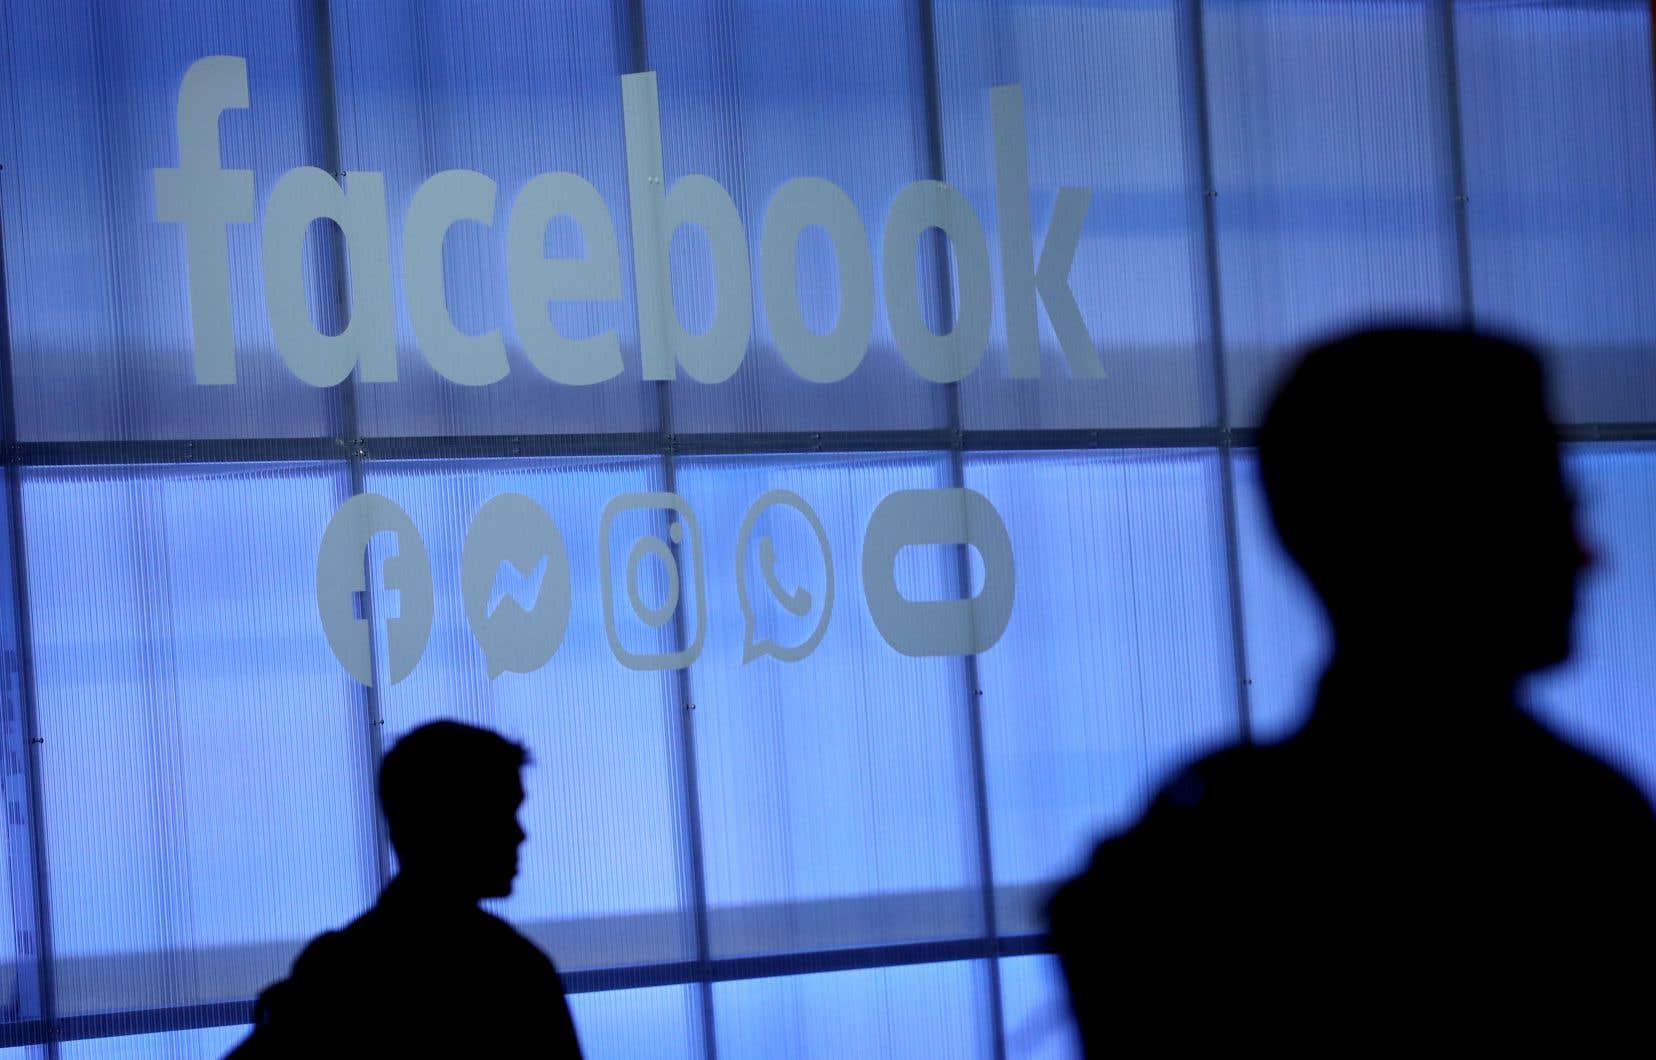 <p>À partir de mercredi, toute personne ne respectant pas les règles relatives aux contenus extrémistes se verra interdire dès sa première infraction l'utilisation de Facebook Live pour une période déterminée, par exemple 30 jours.</p>